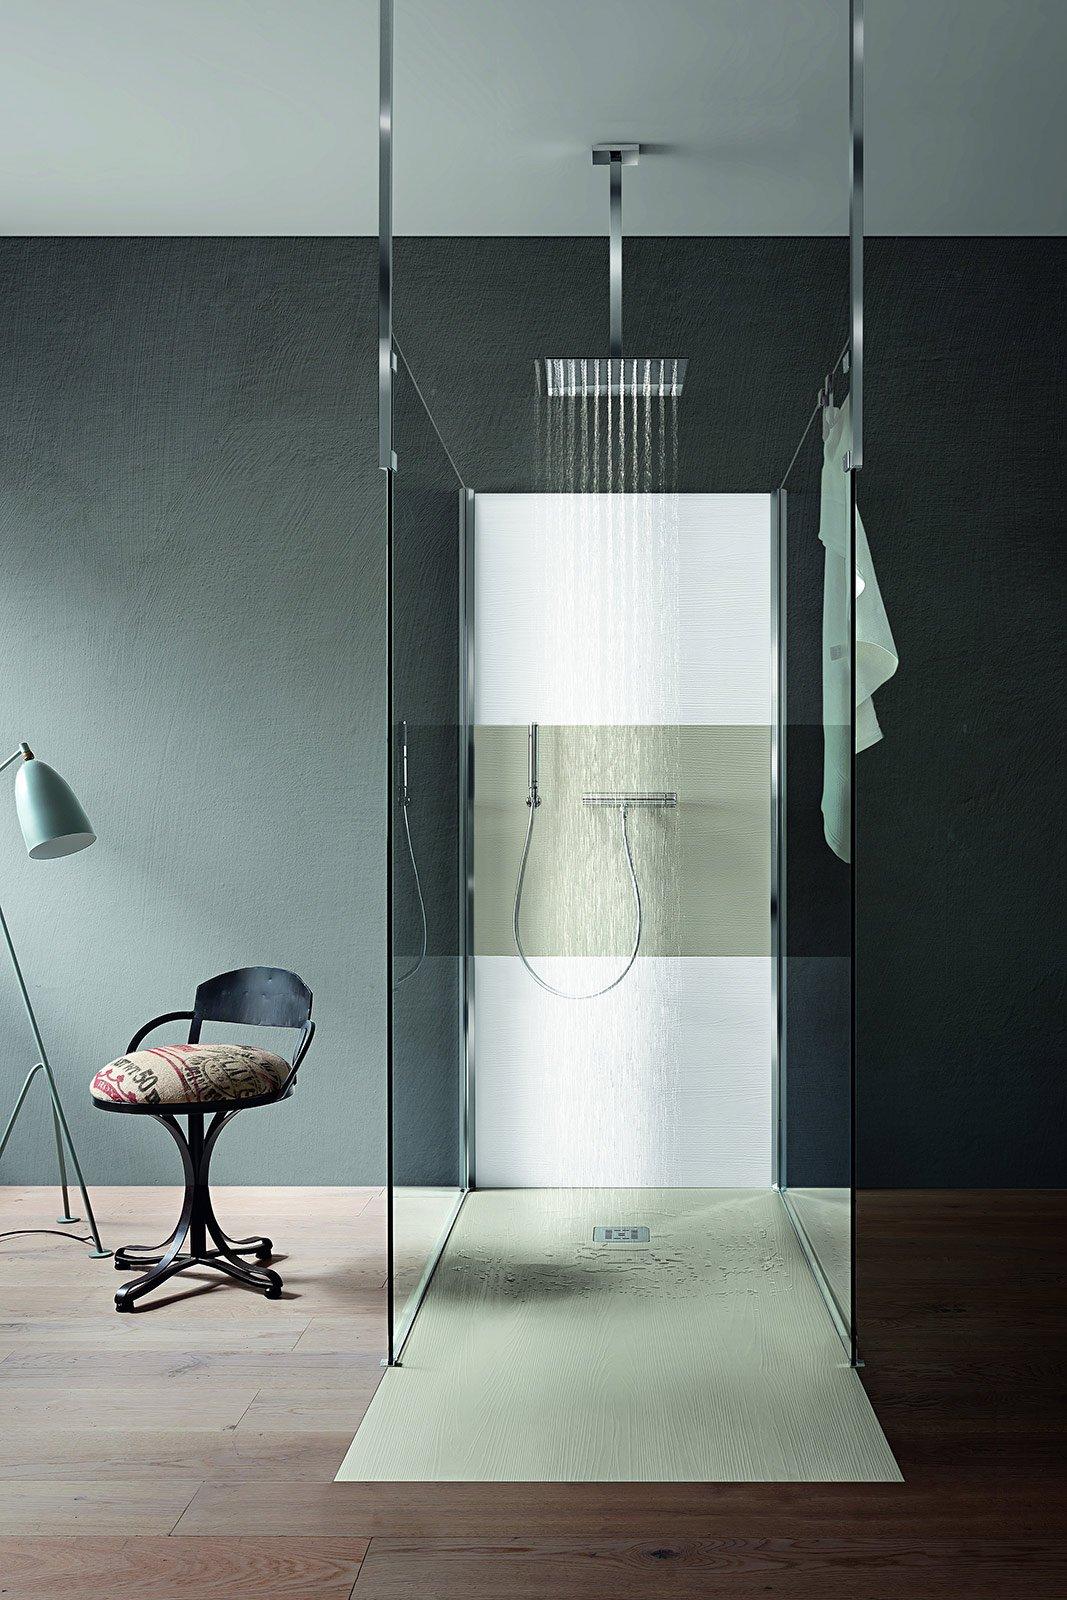 Bagno dettagli di design per la doccia cose di casa for Doccia design